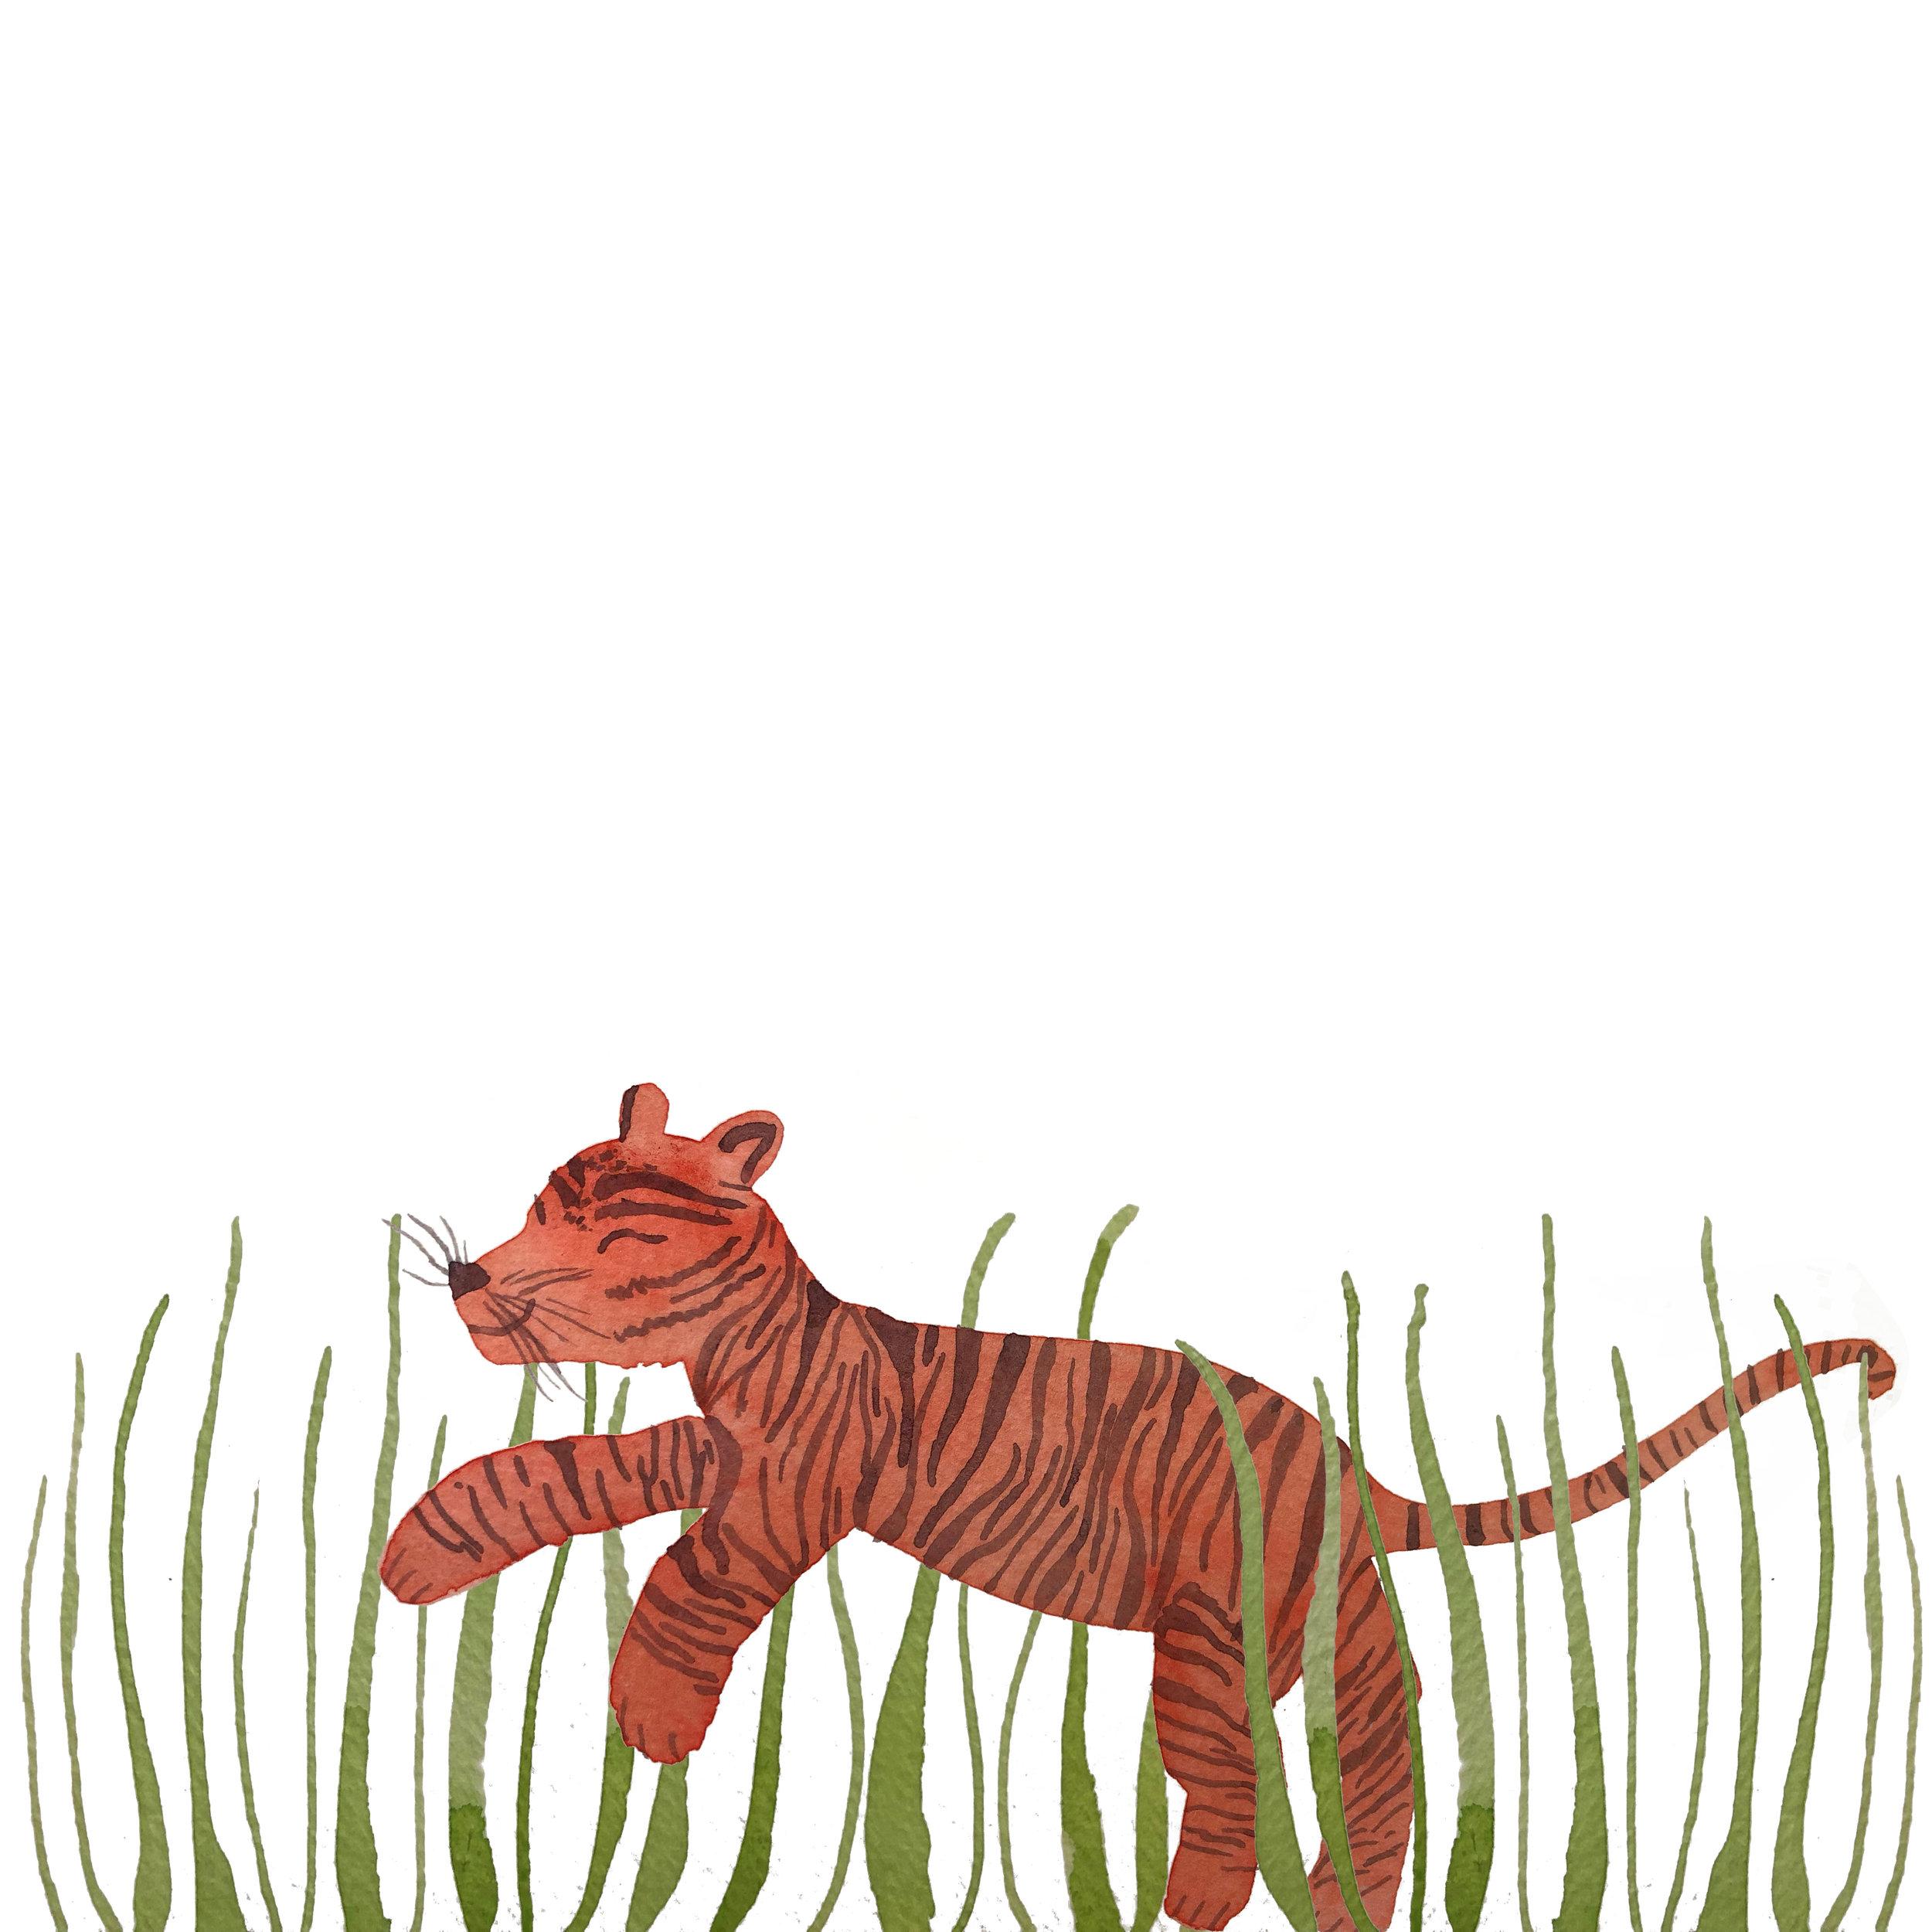 Tiger Illustration.jpg